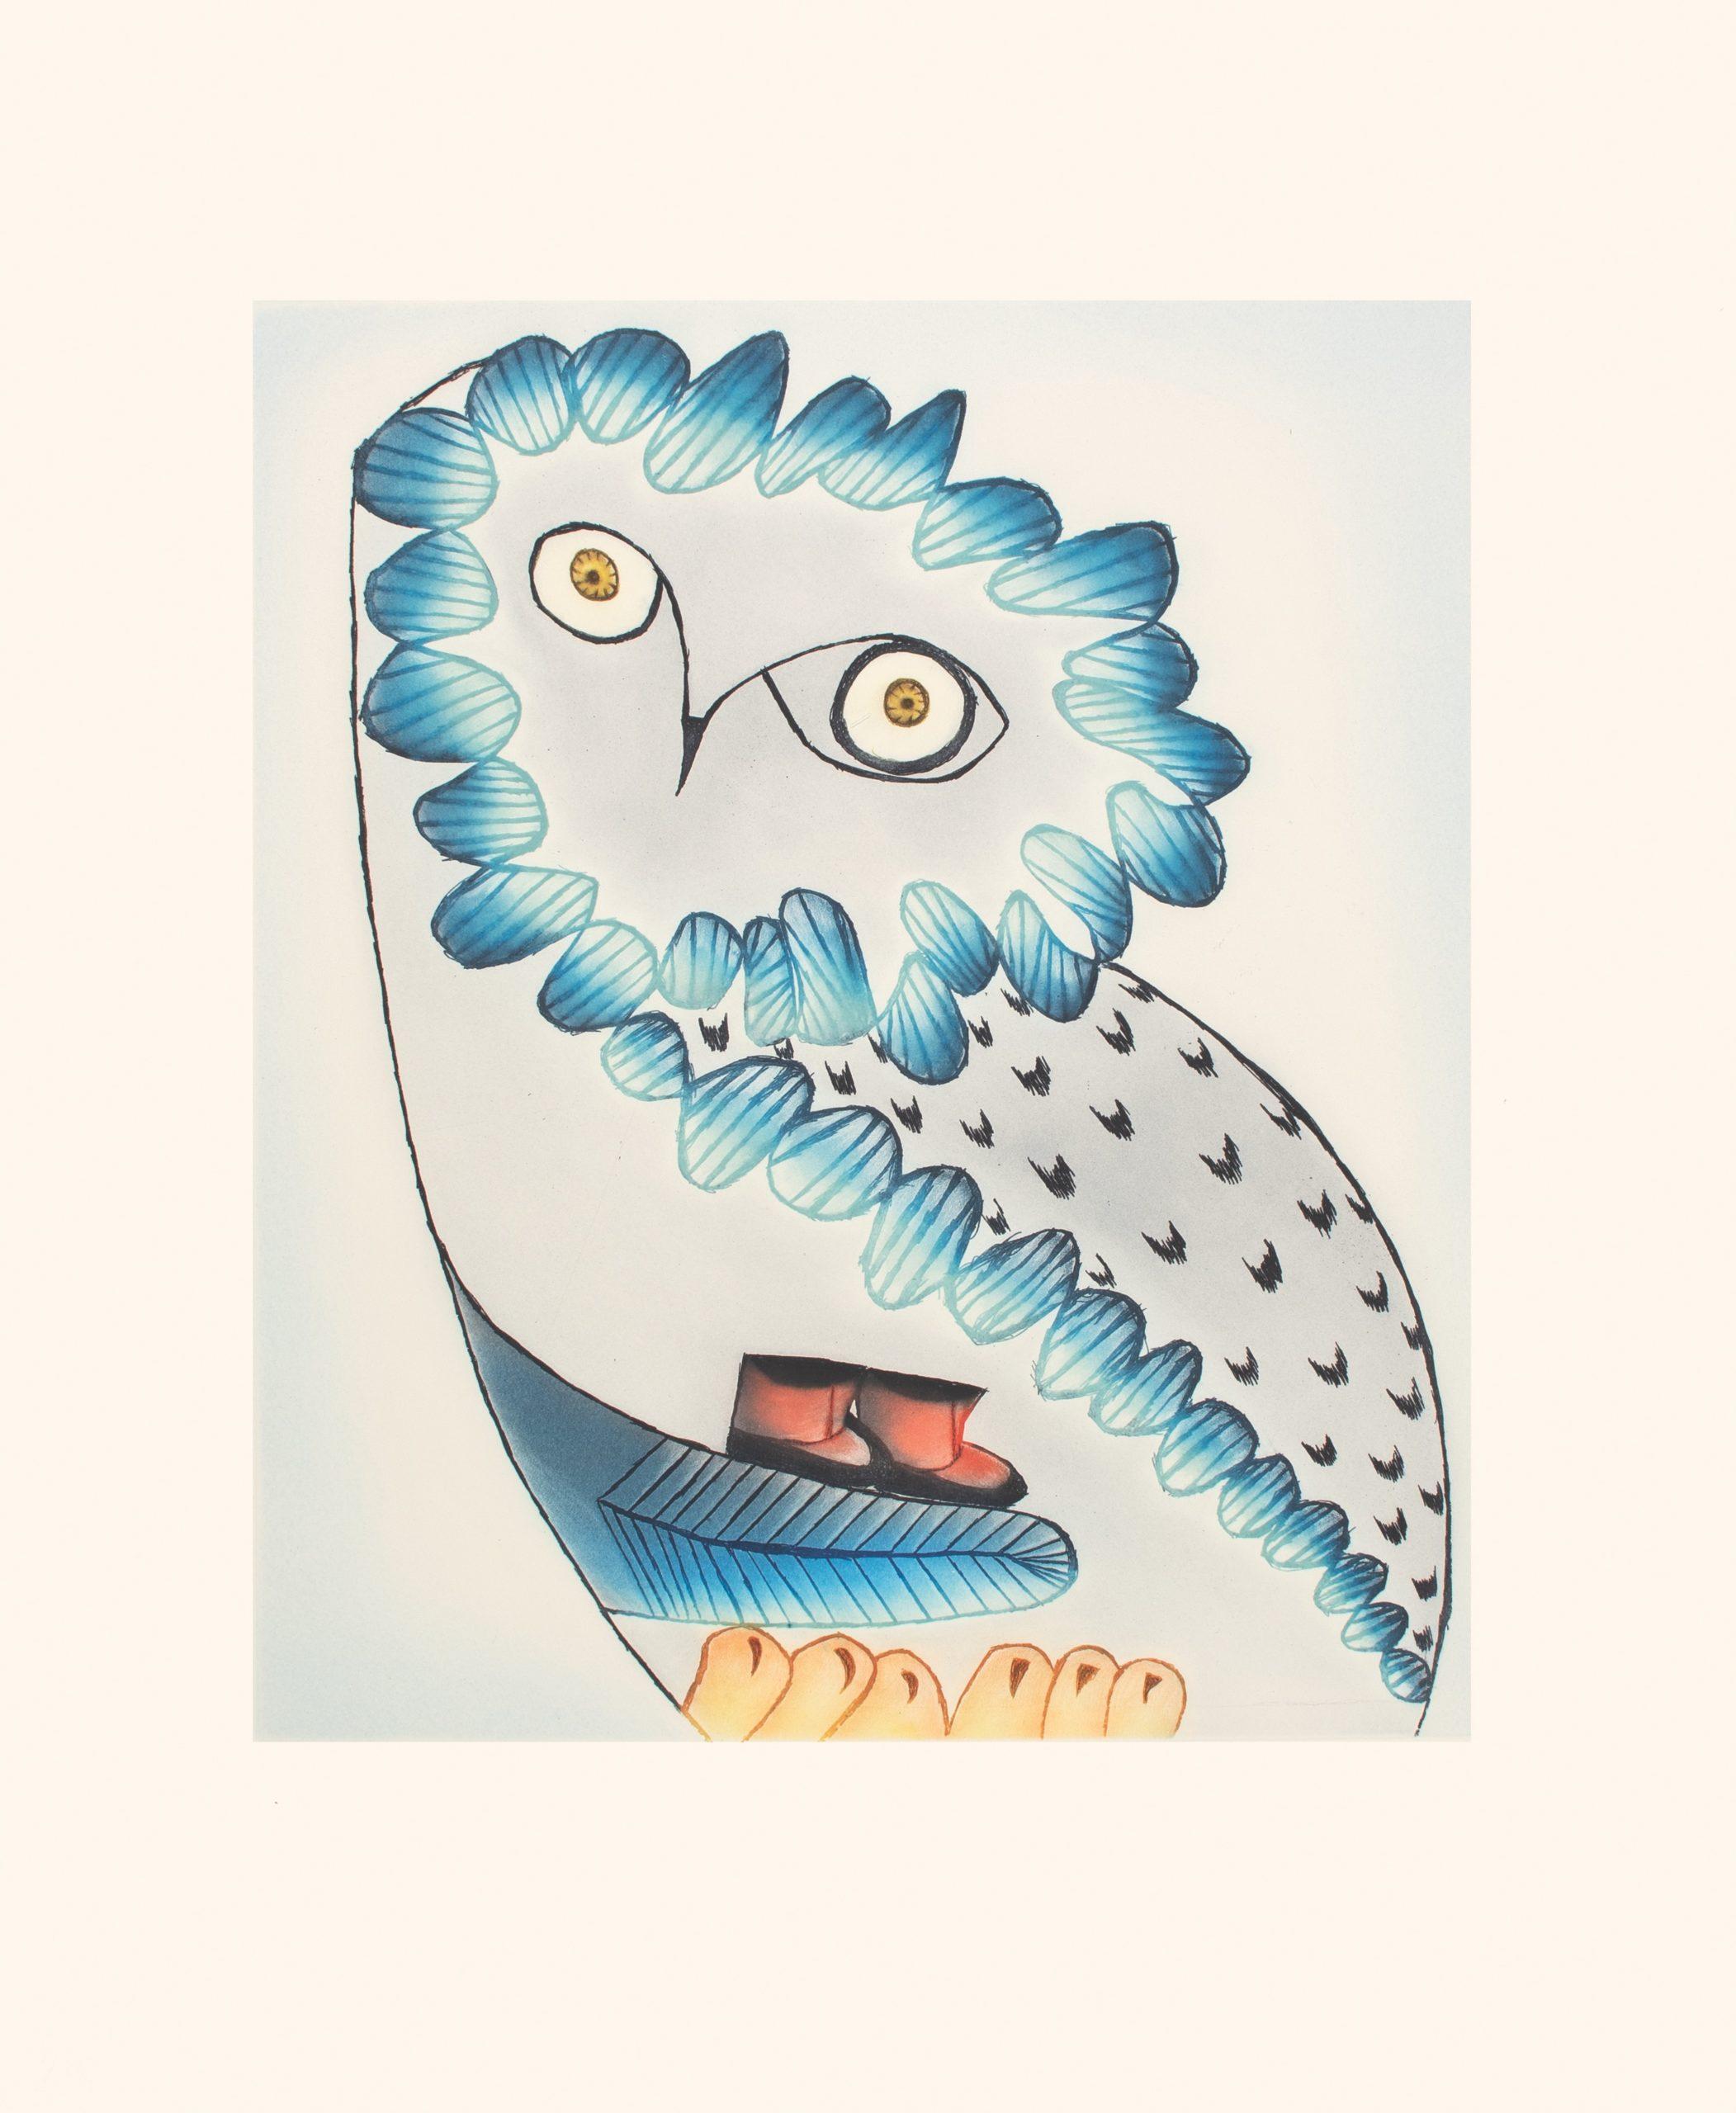 Owl's Bequest by Ningiukulu Teevee